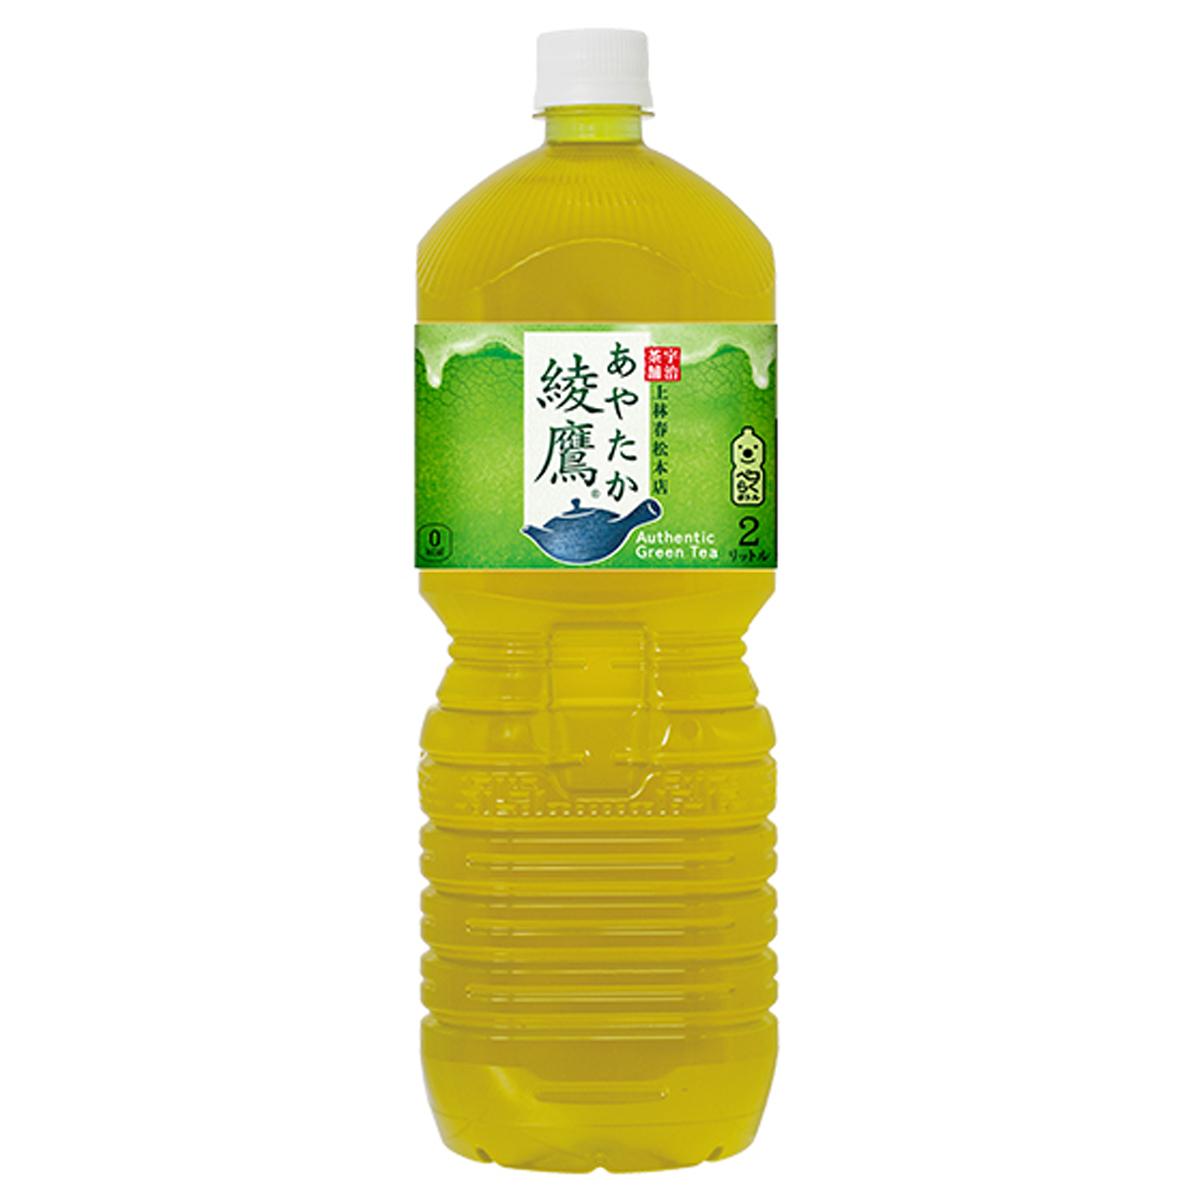 【2ケースセット】コカ・コーラ 綾鷹 ペコらくボトル 2L PET お茶 緑茶 飲料 飲み物 ソフトドリンク ペットボトル 6本×2ケース 買い回り 買い周り 買いまわり ポイント消化